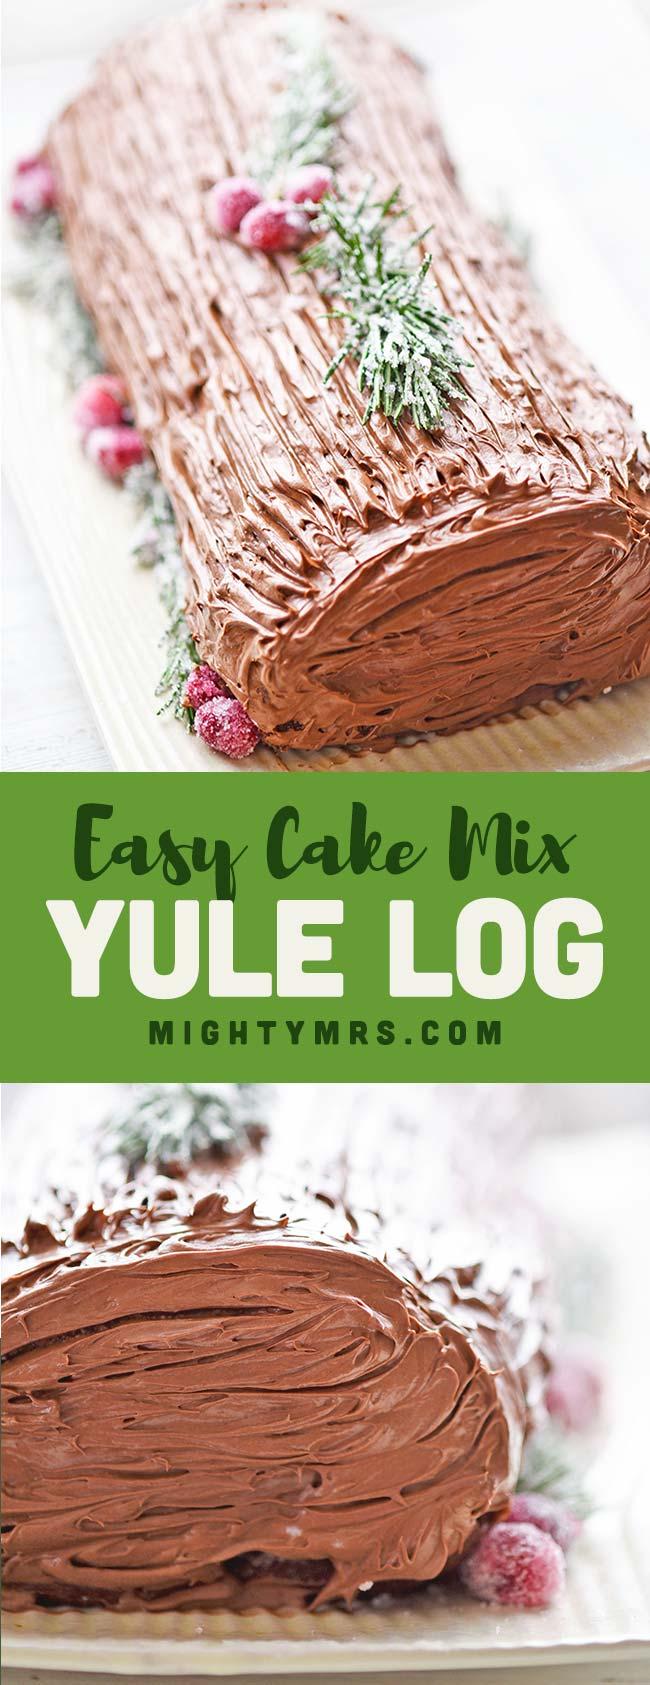 Easy Yule Log Recipe Using Cake Mix